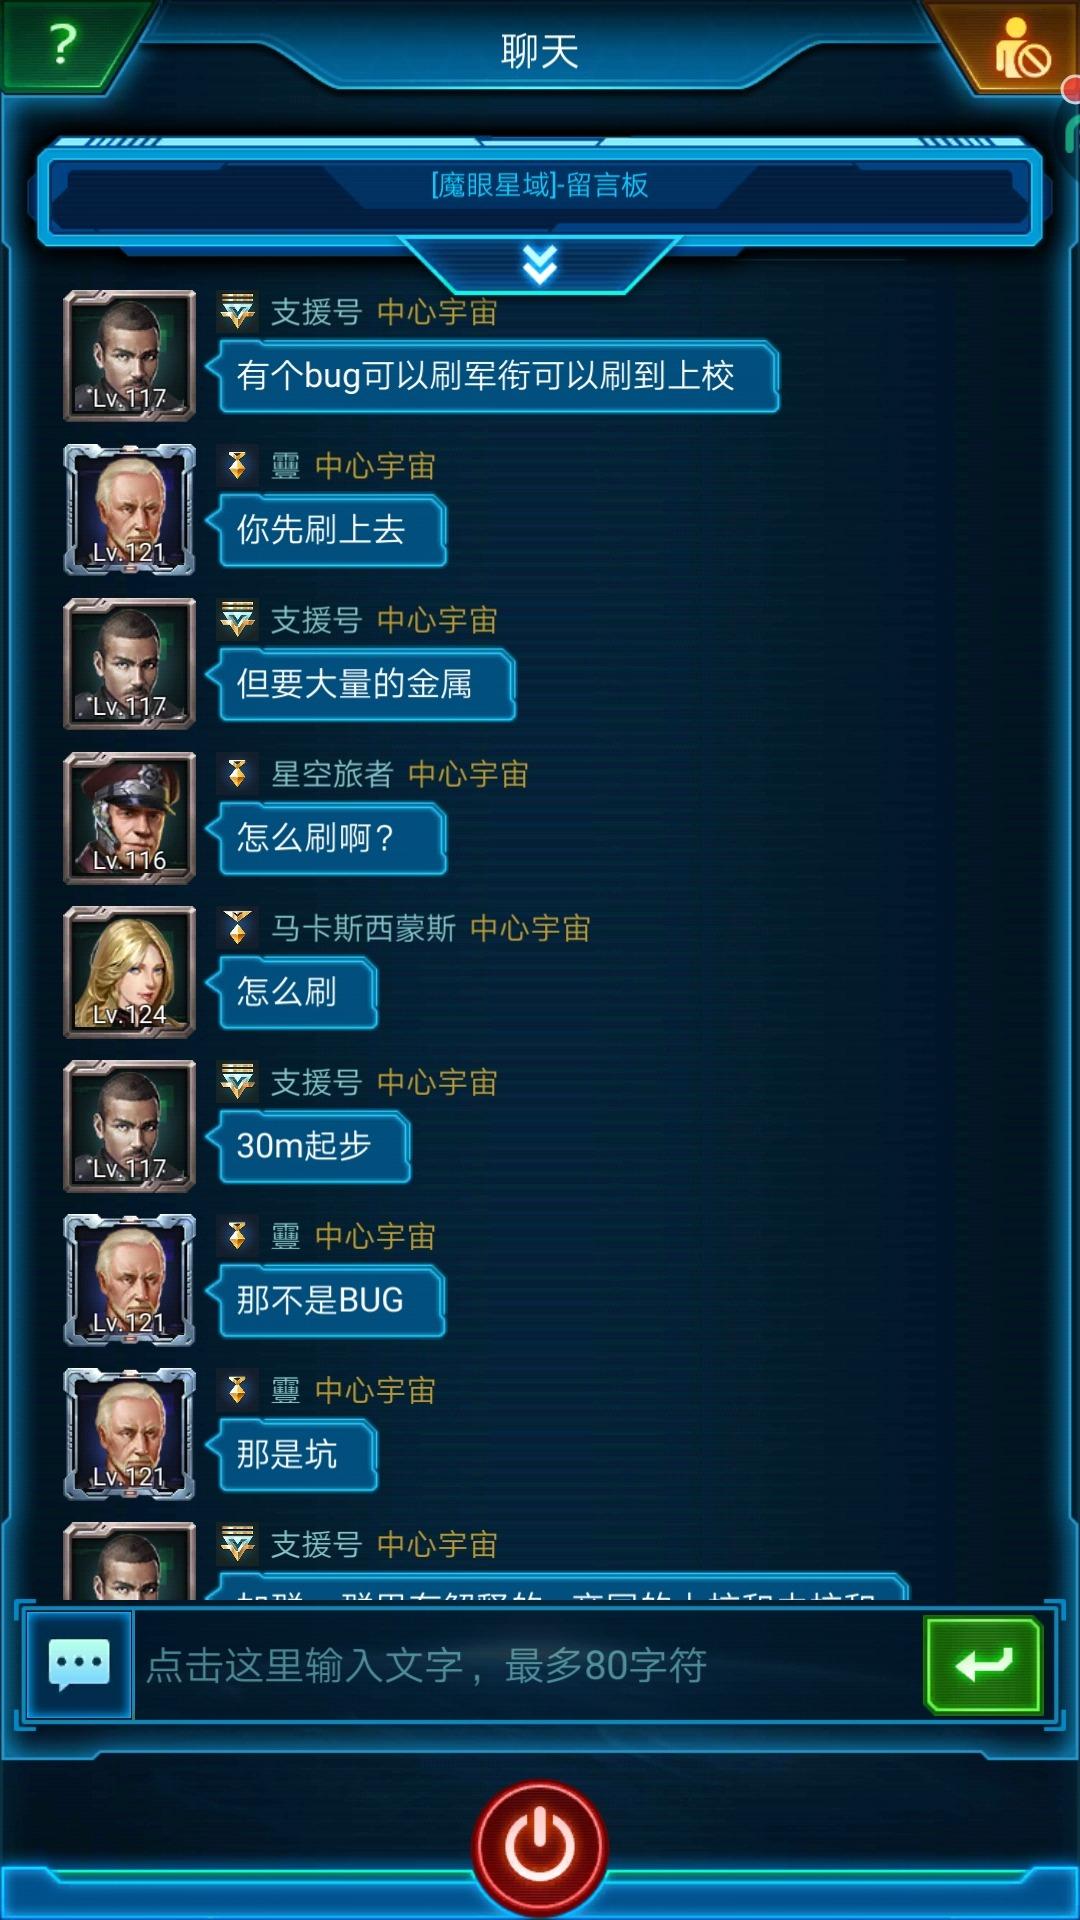 Screenshot_20190413_202231_com.jedigames.p16s.aligames.jpg